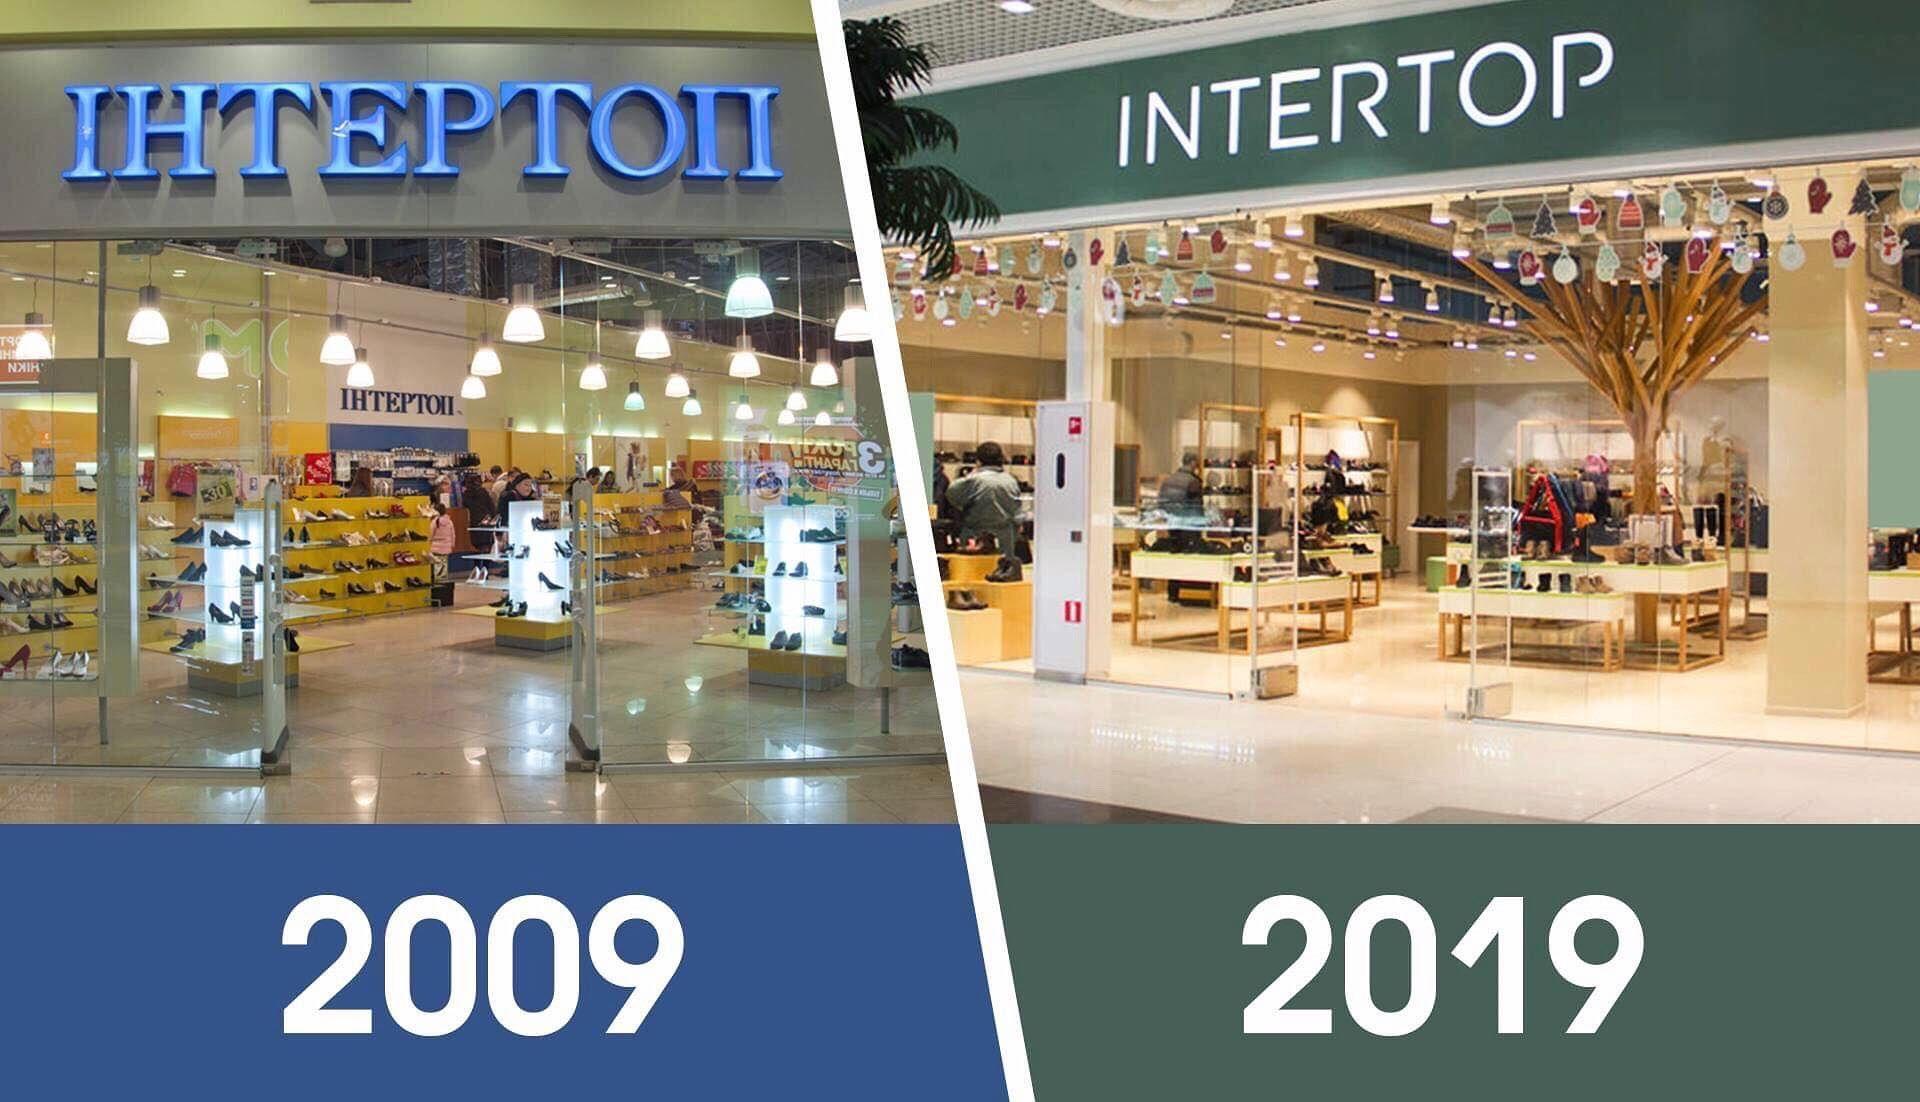 15a62776b Помимо вышеупомянутых брендов, сейчас компания также развивает сети  магазинов Intertop, Ecco, Timberland, Geox, Clarks, Intertop Outlet,  Intertop Kids.